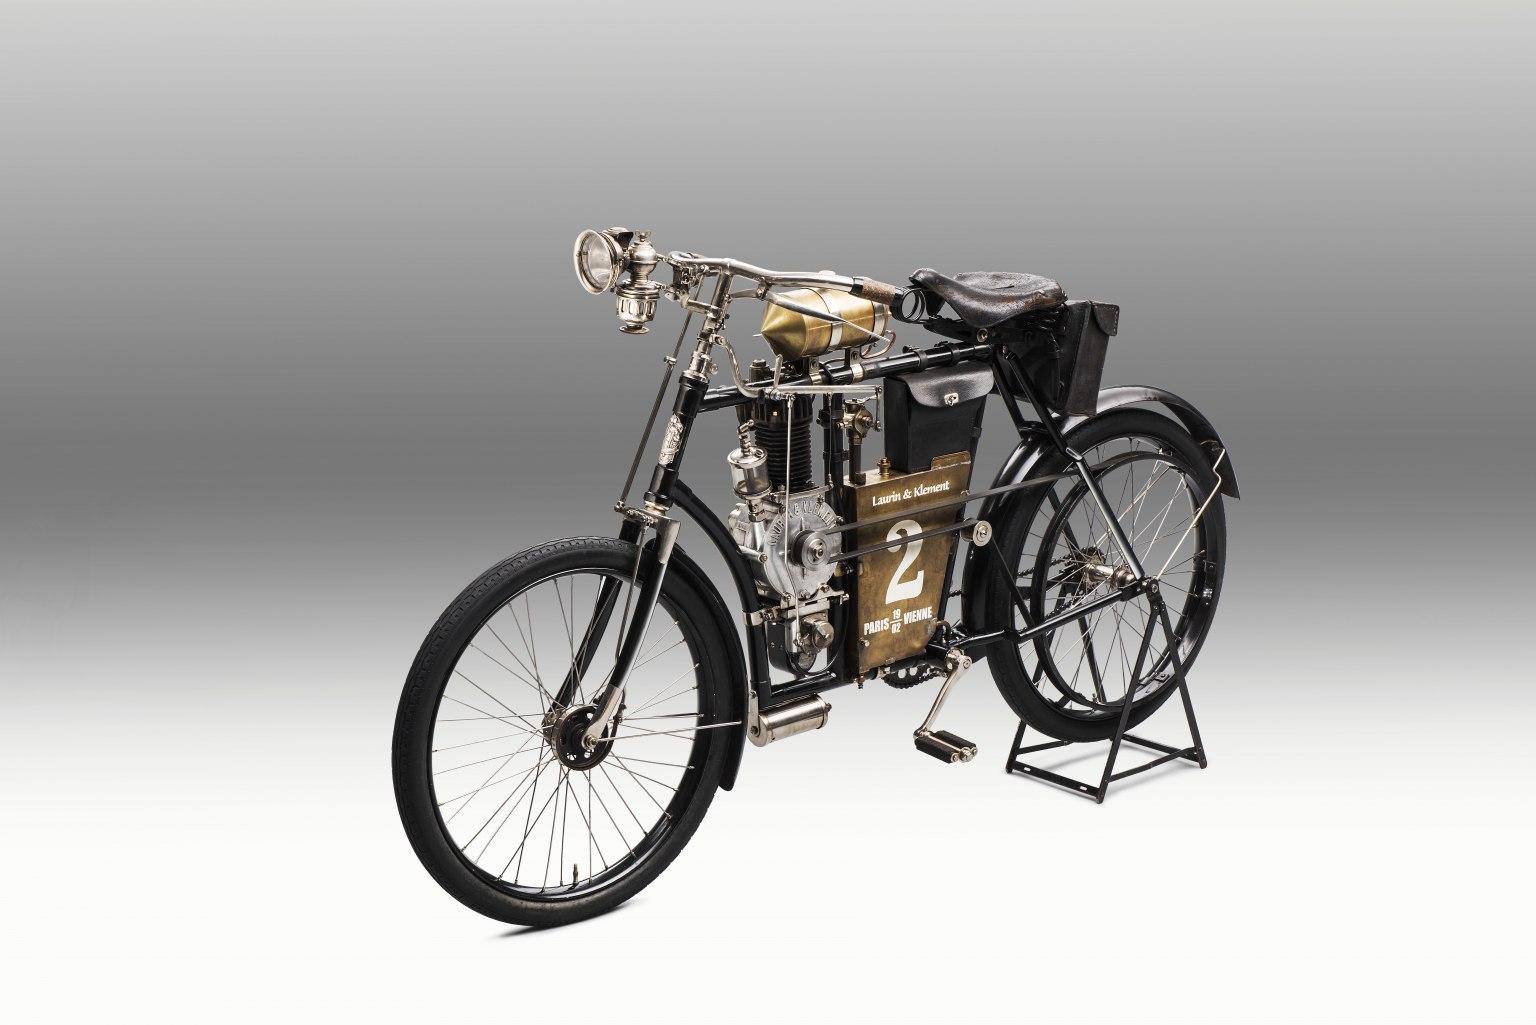 Laurin & Klement Slavia B: Historie ŠKODA Motorsport se začala psát před 120 lety mezi Paříží a Berlínem